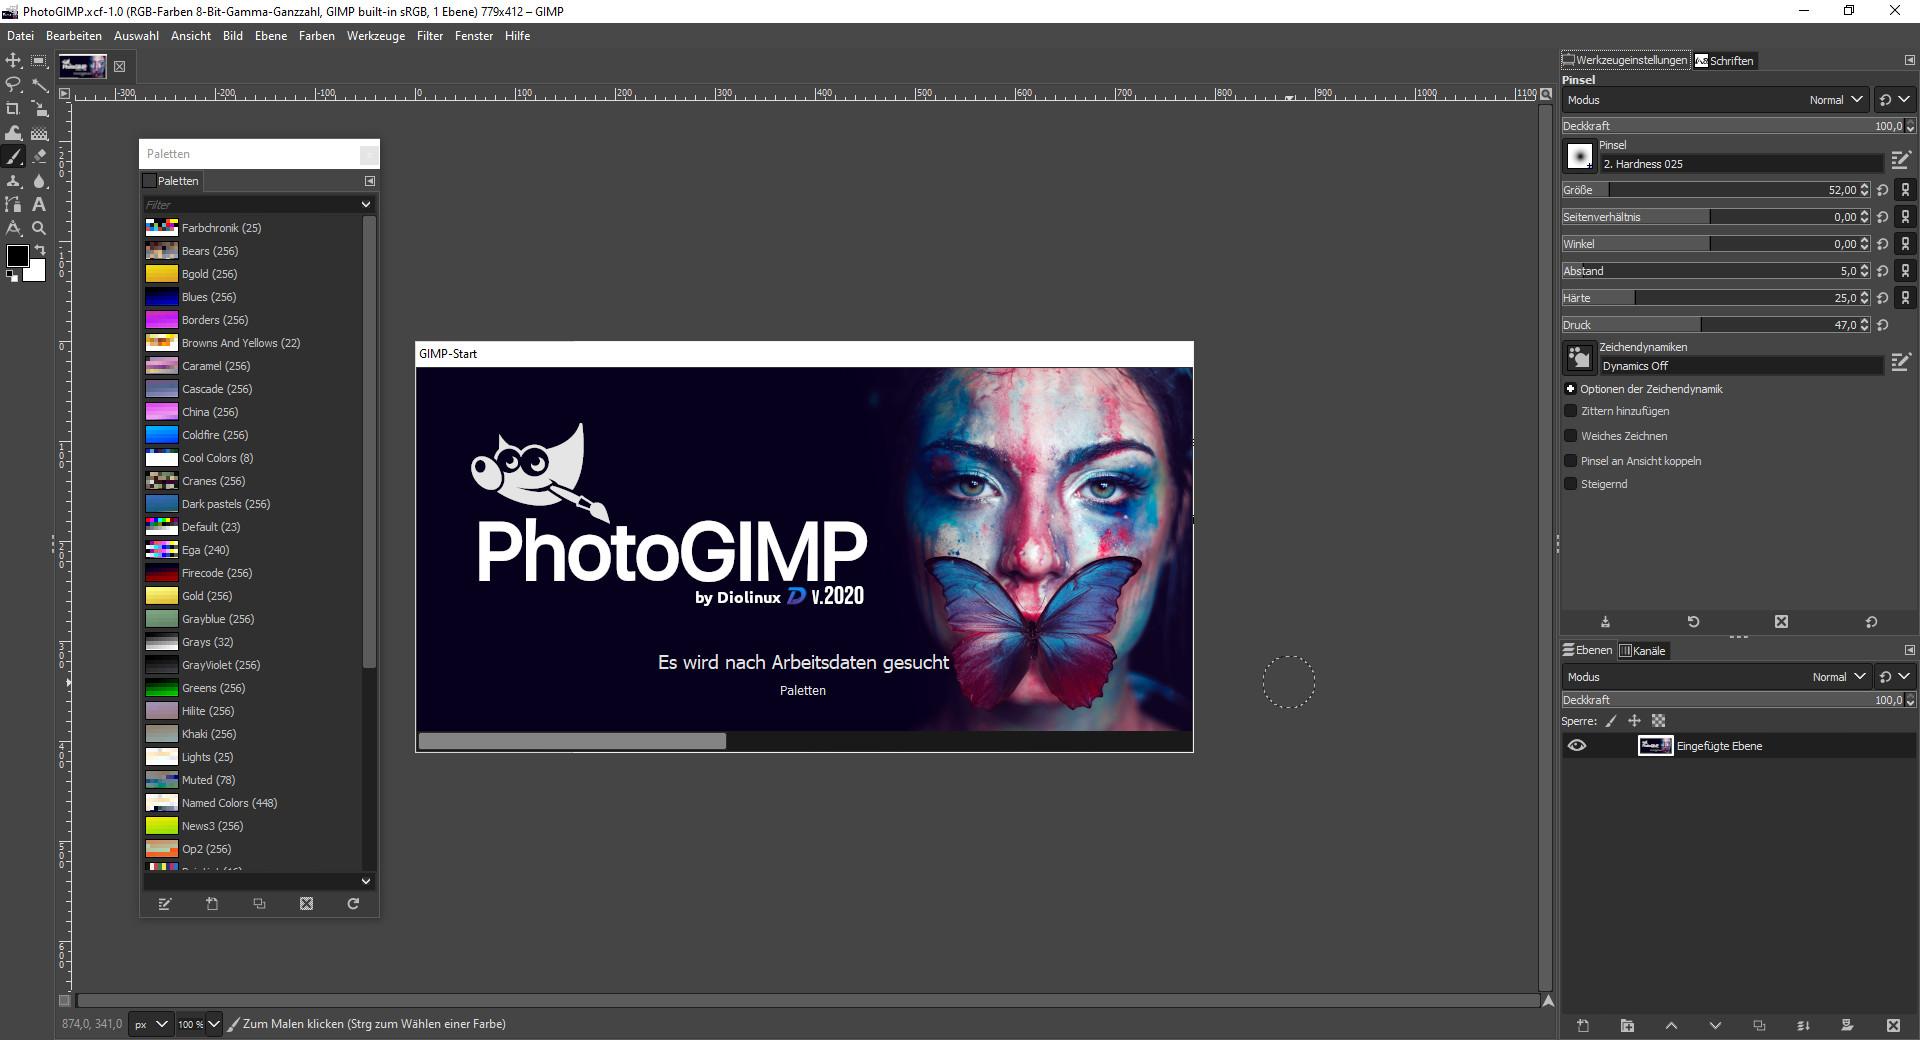 Screenshot 1 - PhotoGIMP